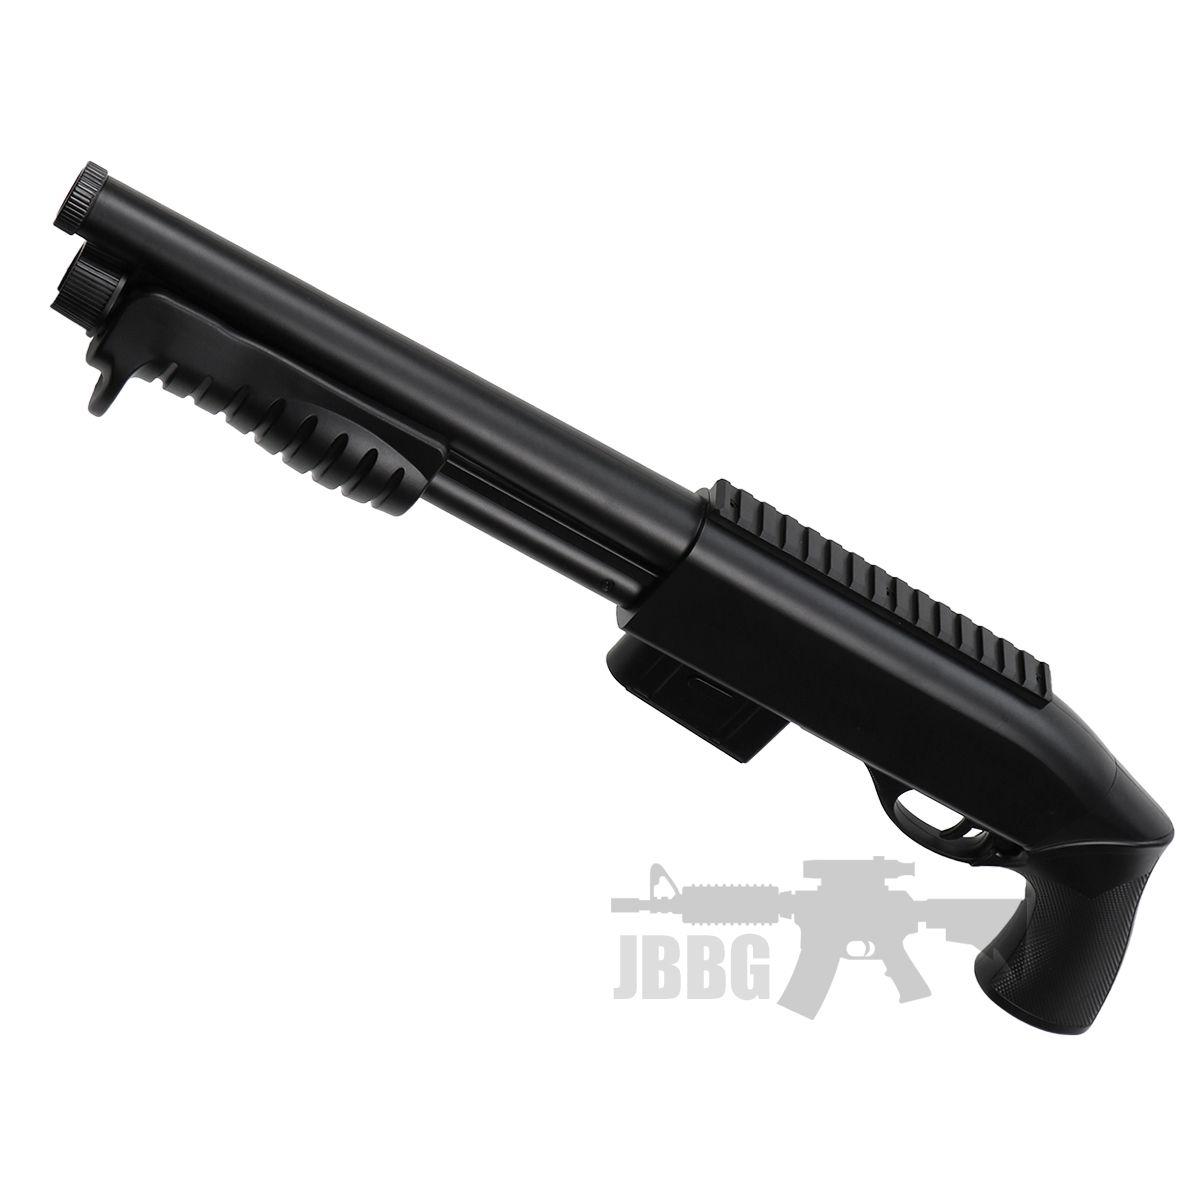 shotgun bb gun 2